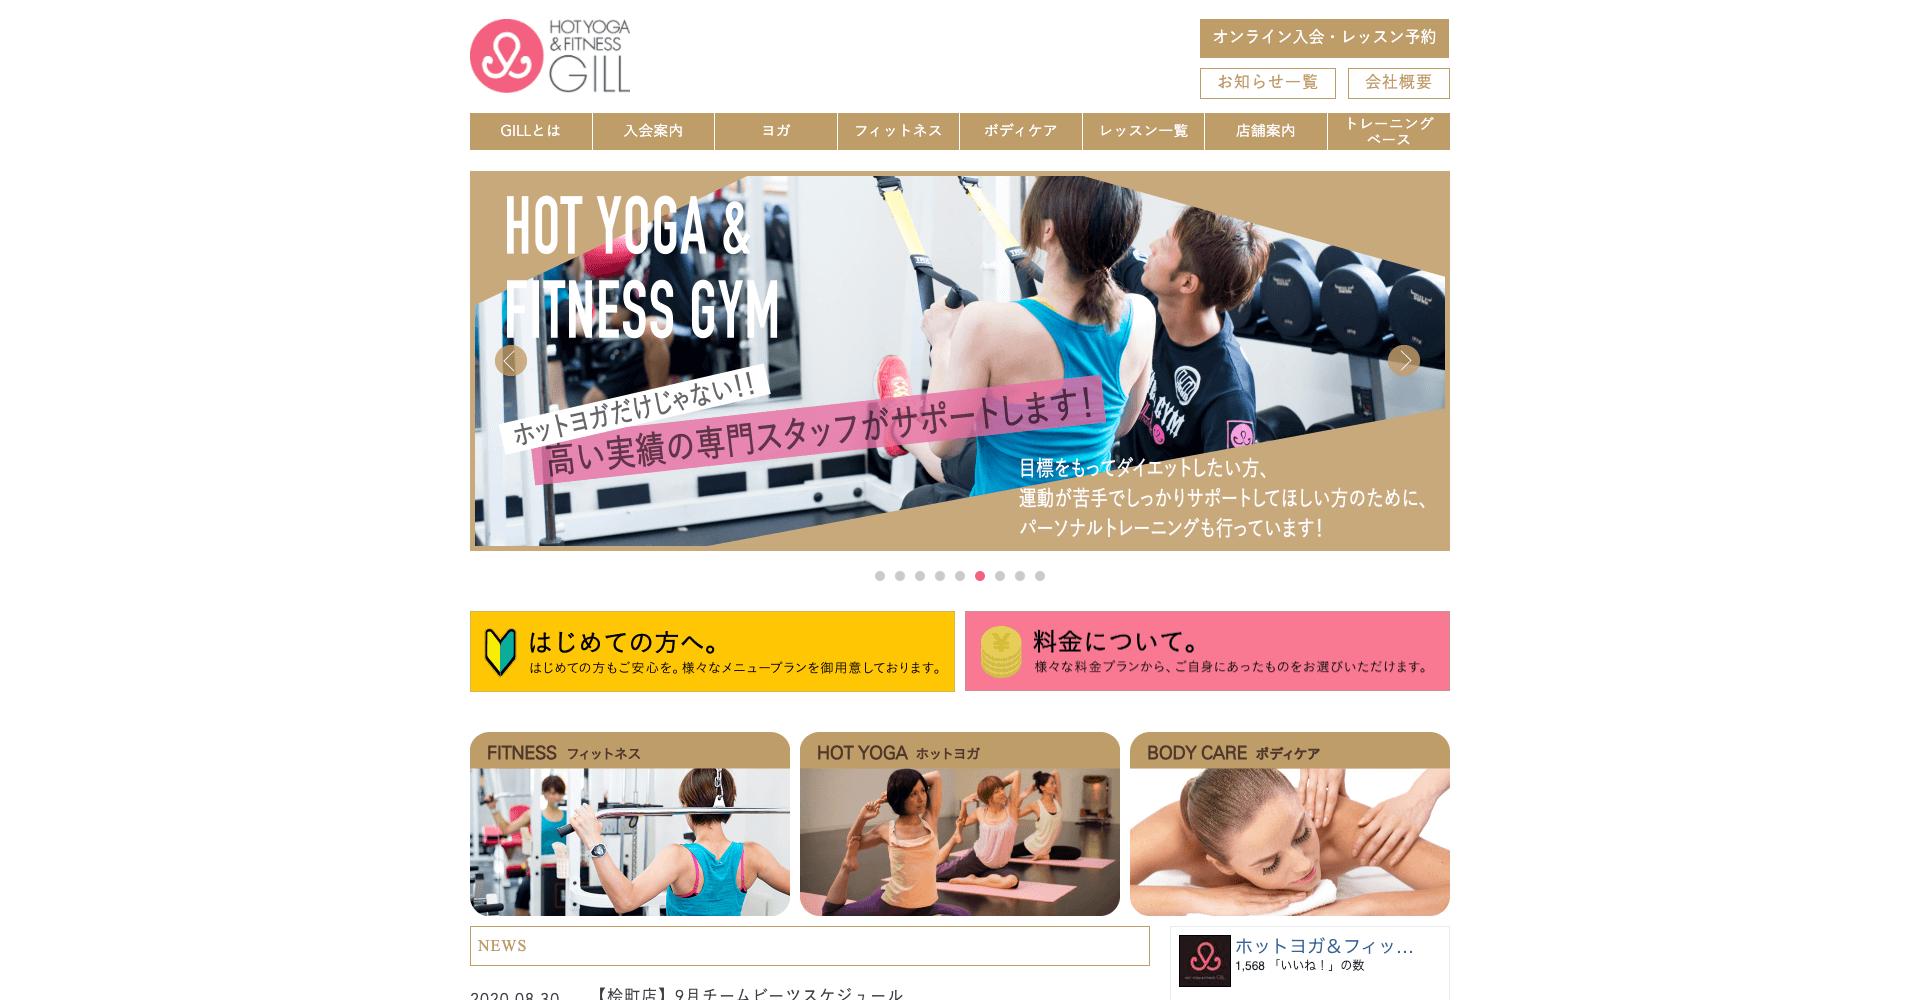 ホットヨガ&フィットネス ジル 西田店